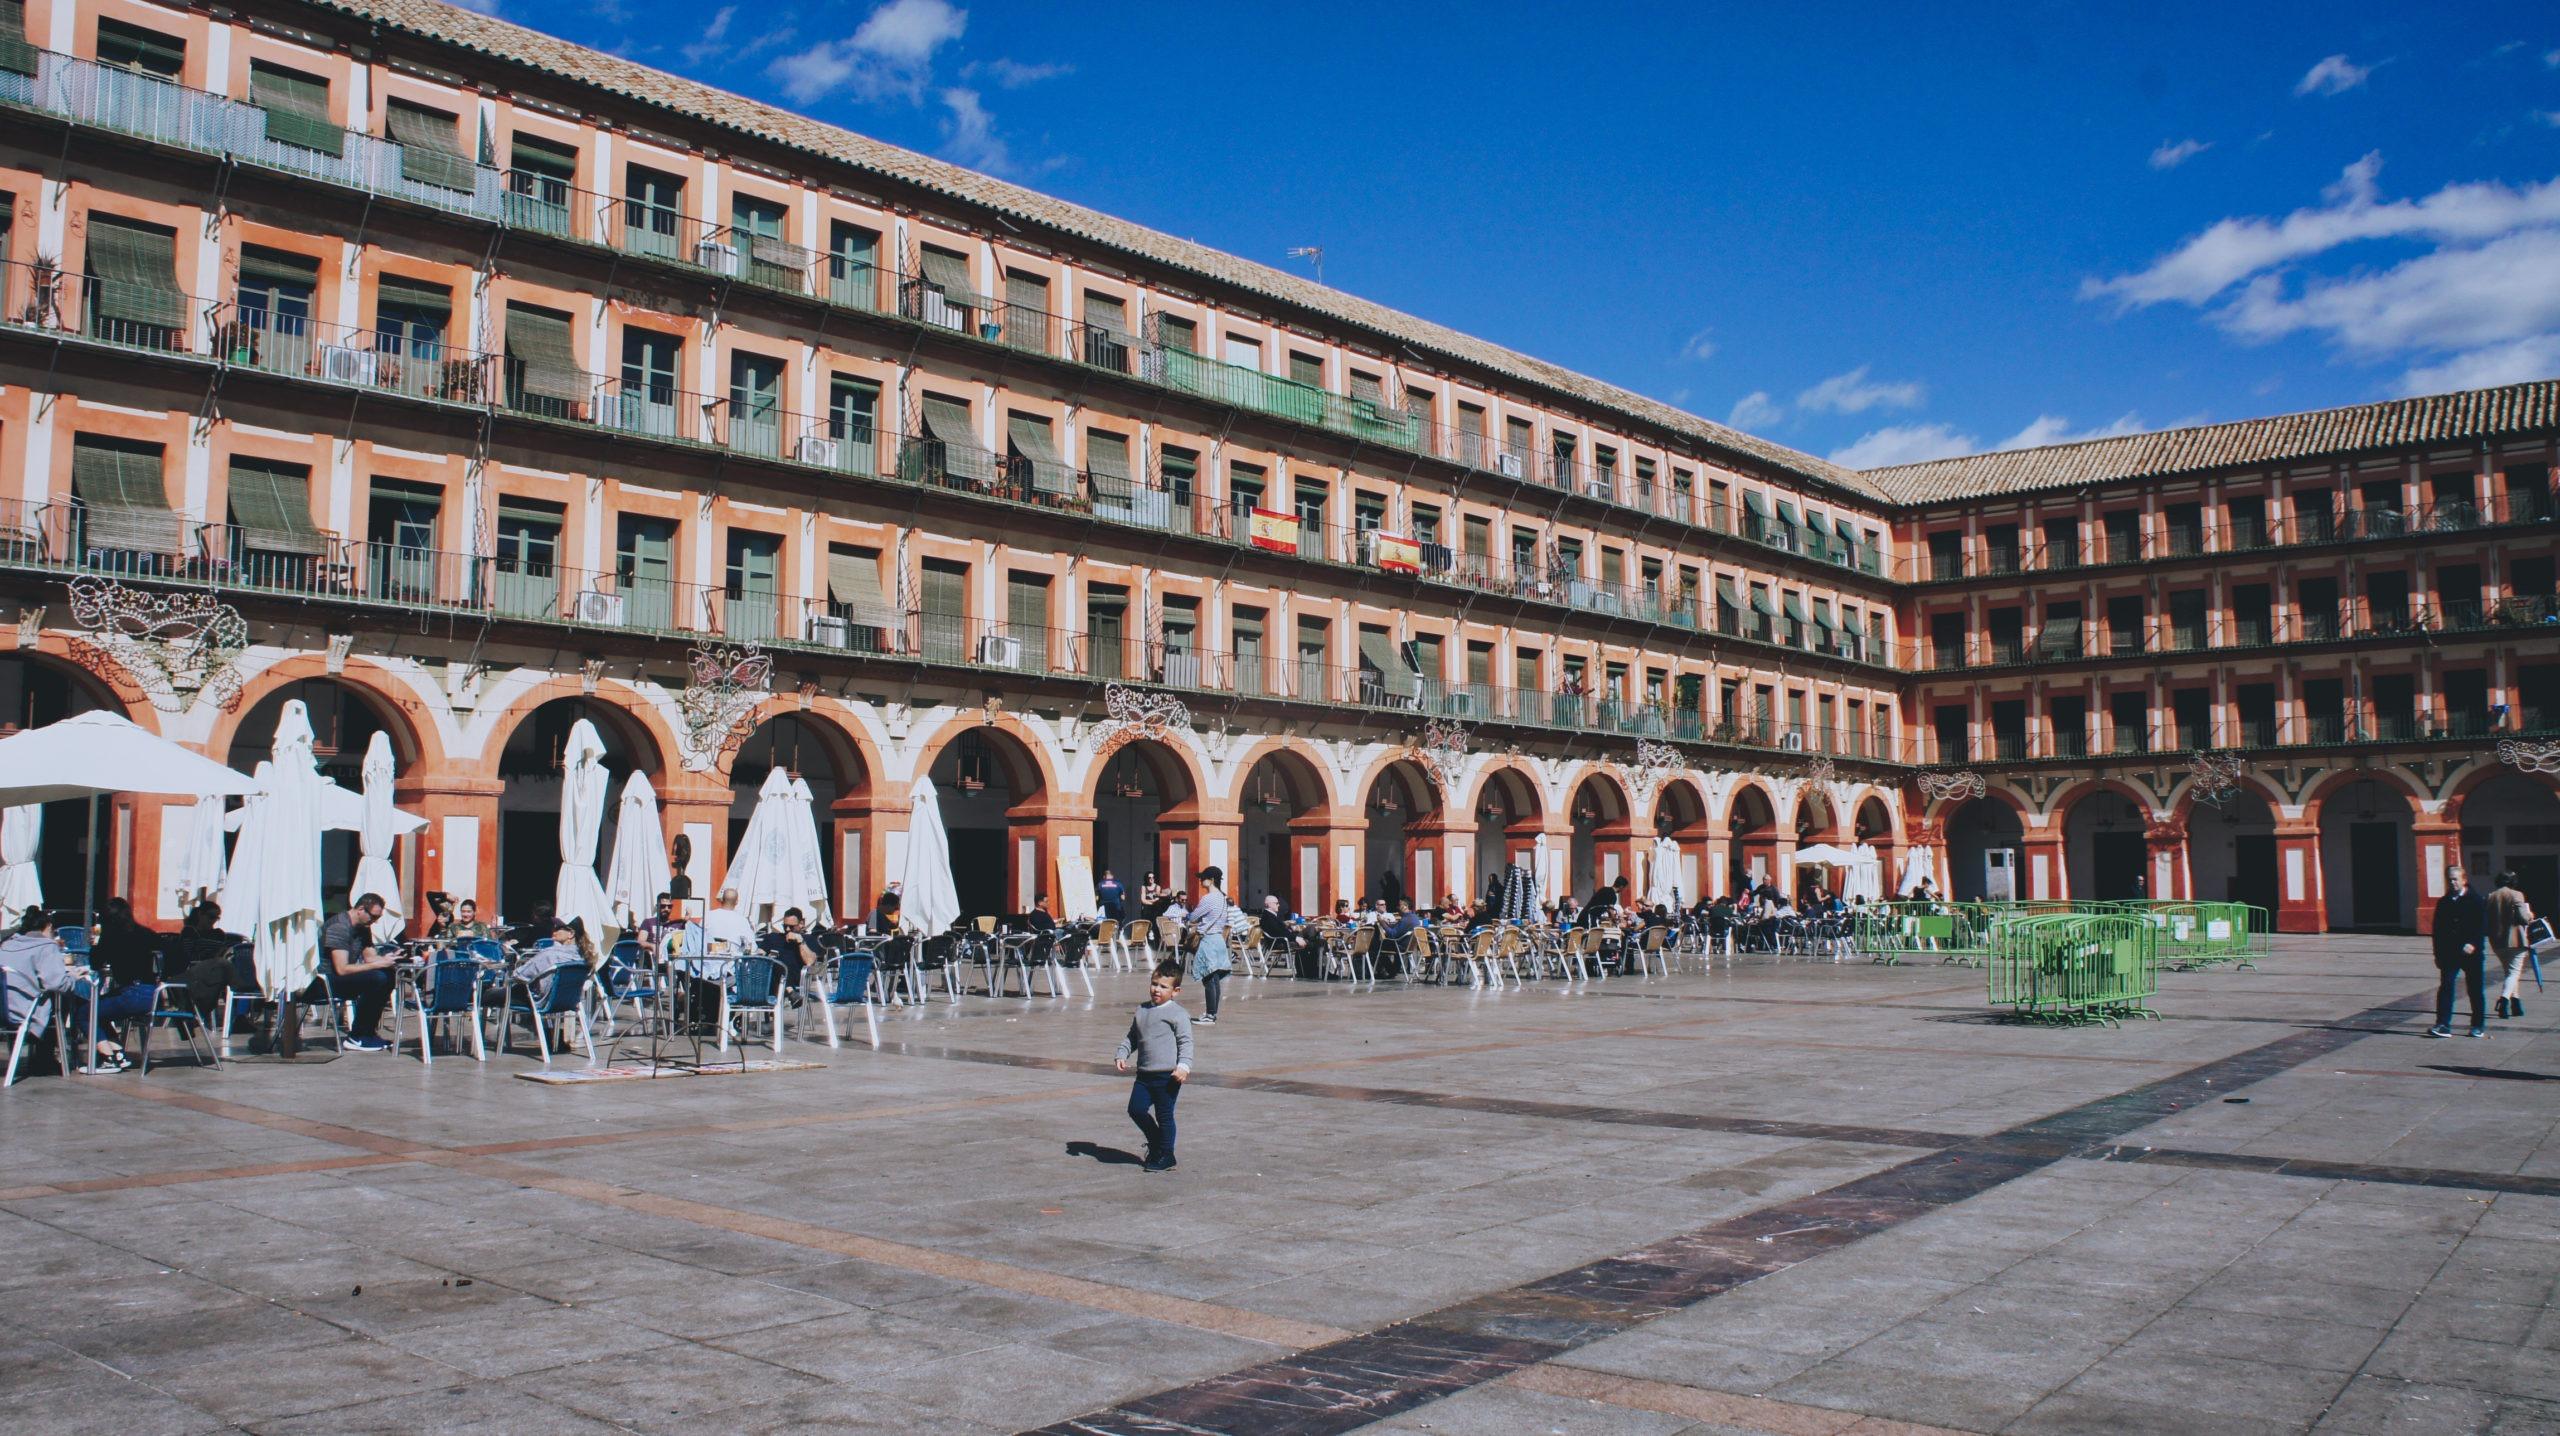 Place de la Corredera à Cordoue, Andalousie